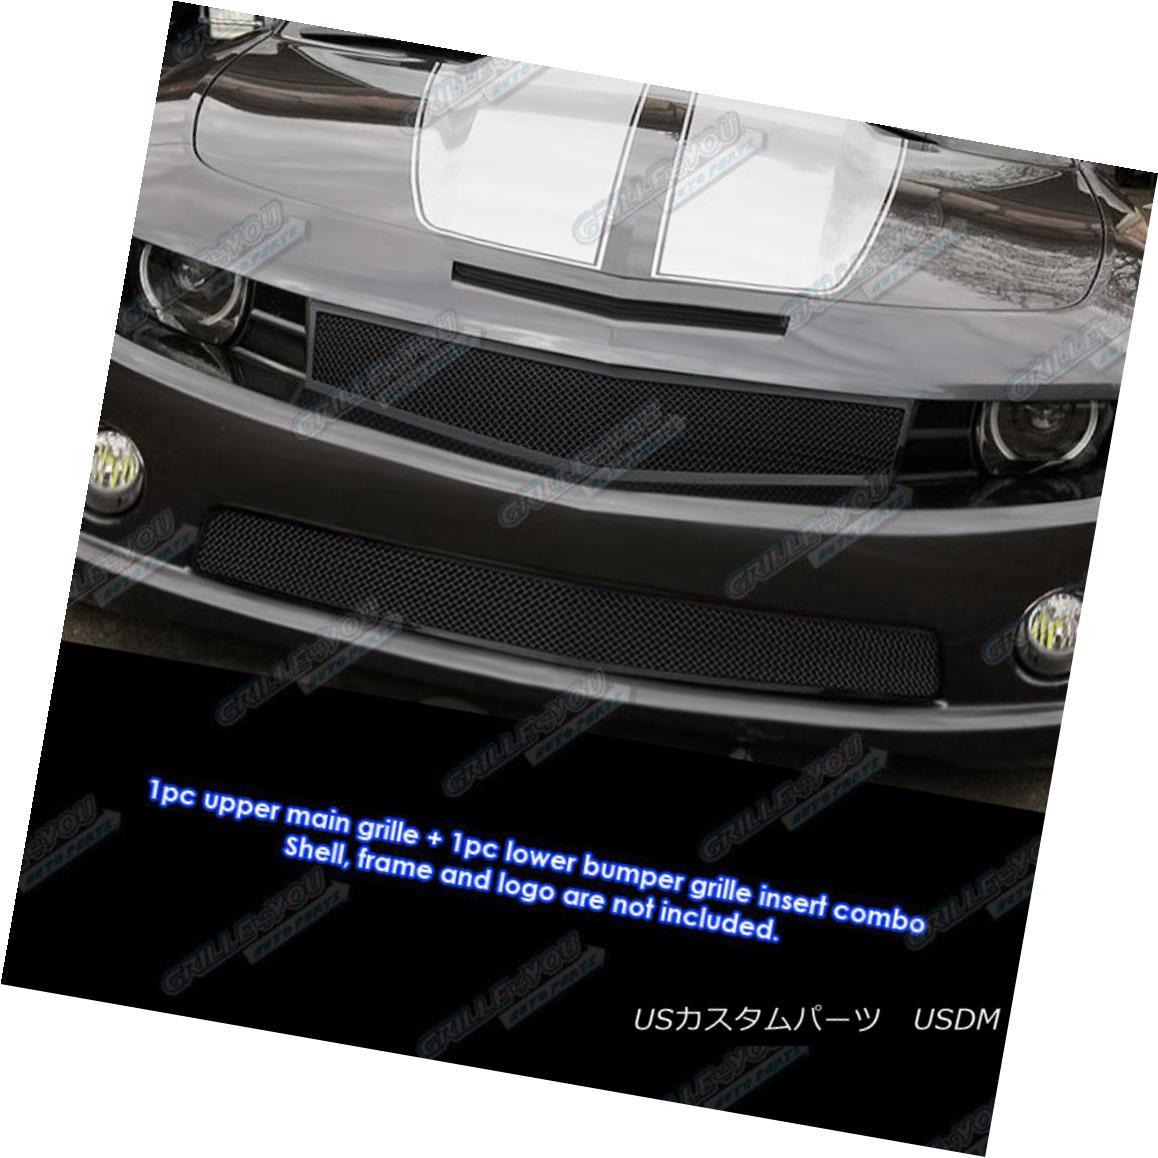 グリル For 2010-2013 Chevy Camaro SS V8 Black Stainless Steel Mesh Grille Grill Combo 2010-2013シボレーカマロSS V8ブラックステンレススチールメッシュグリルグリルコンボ用